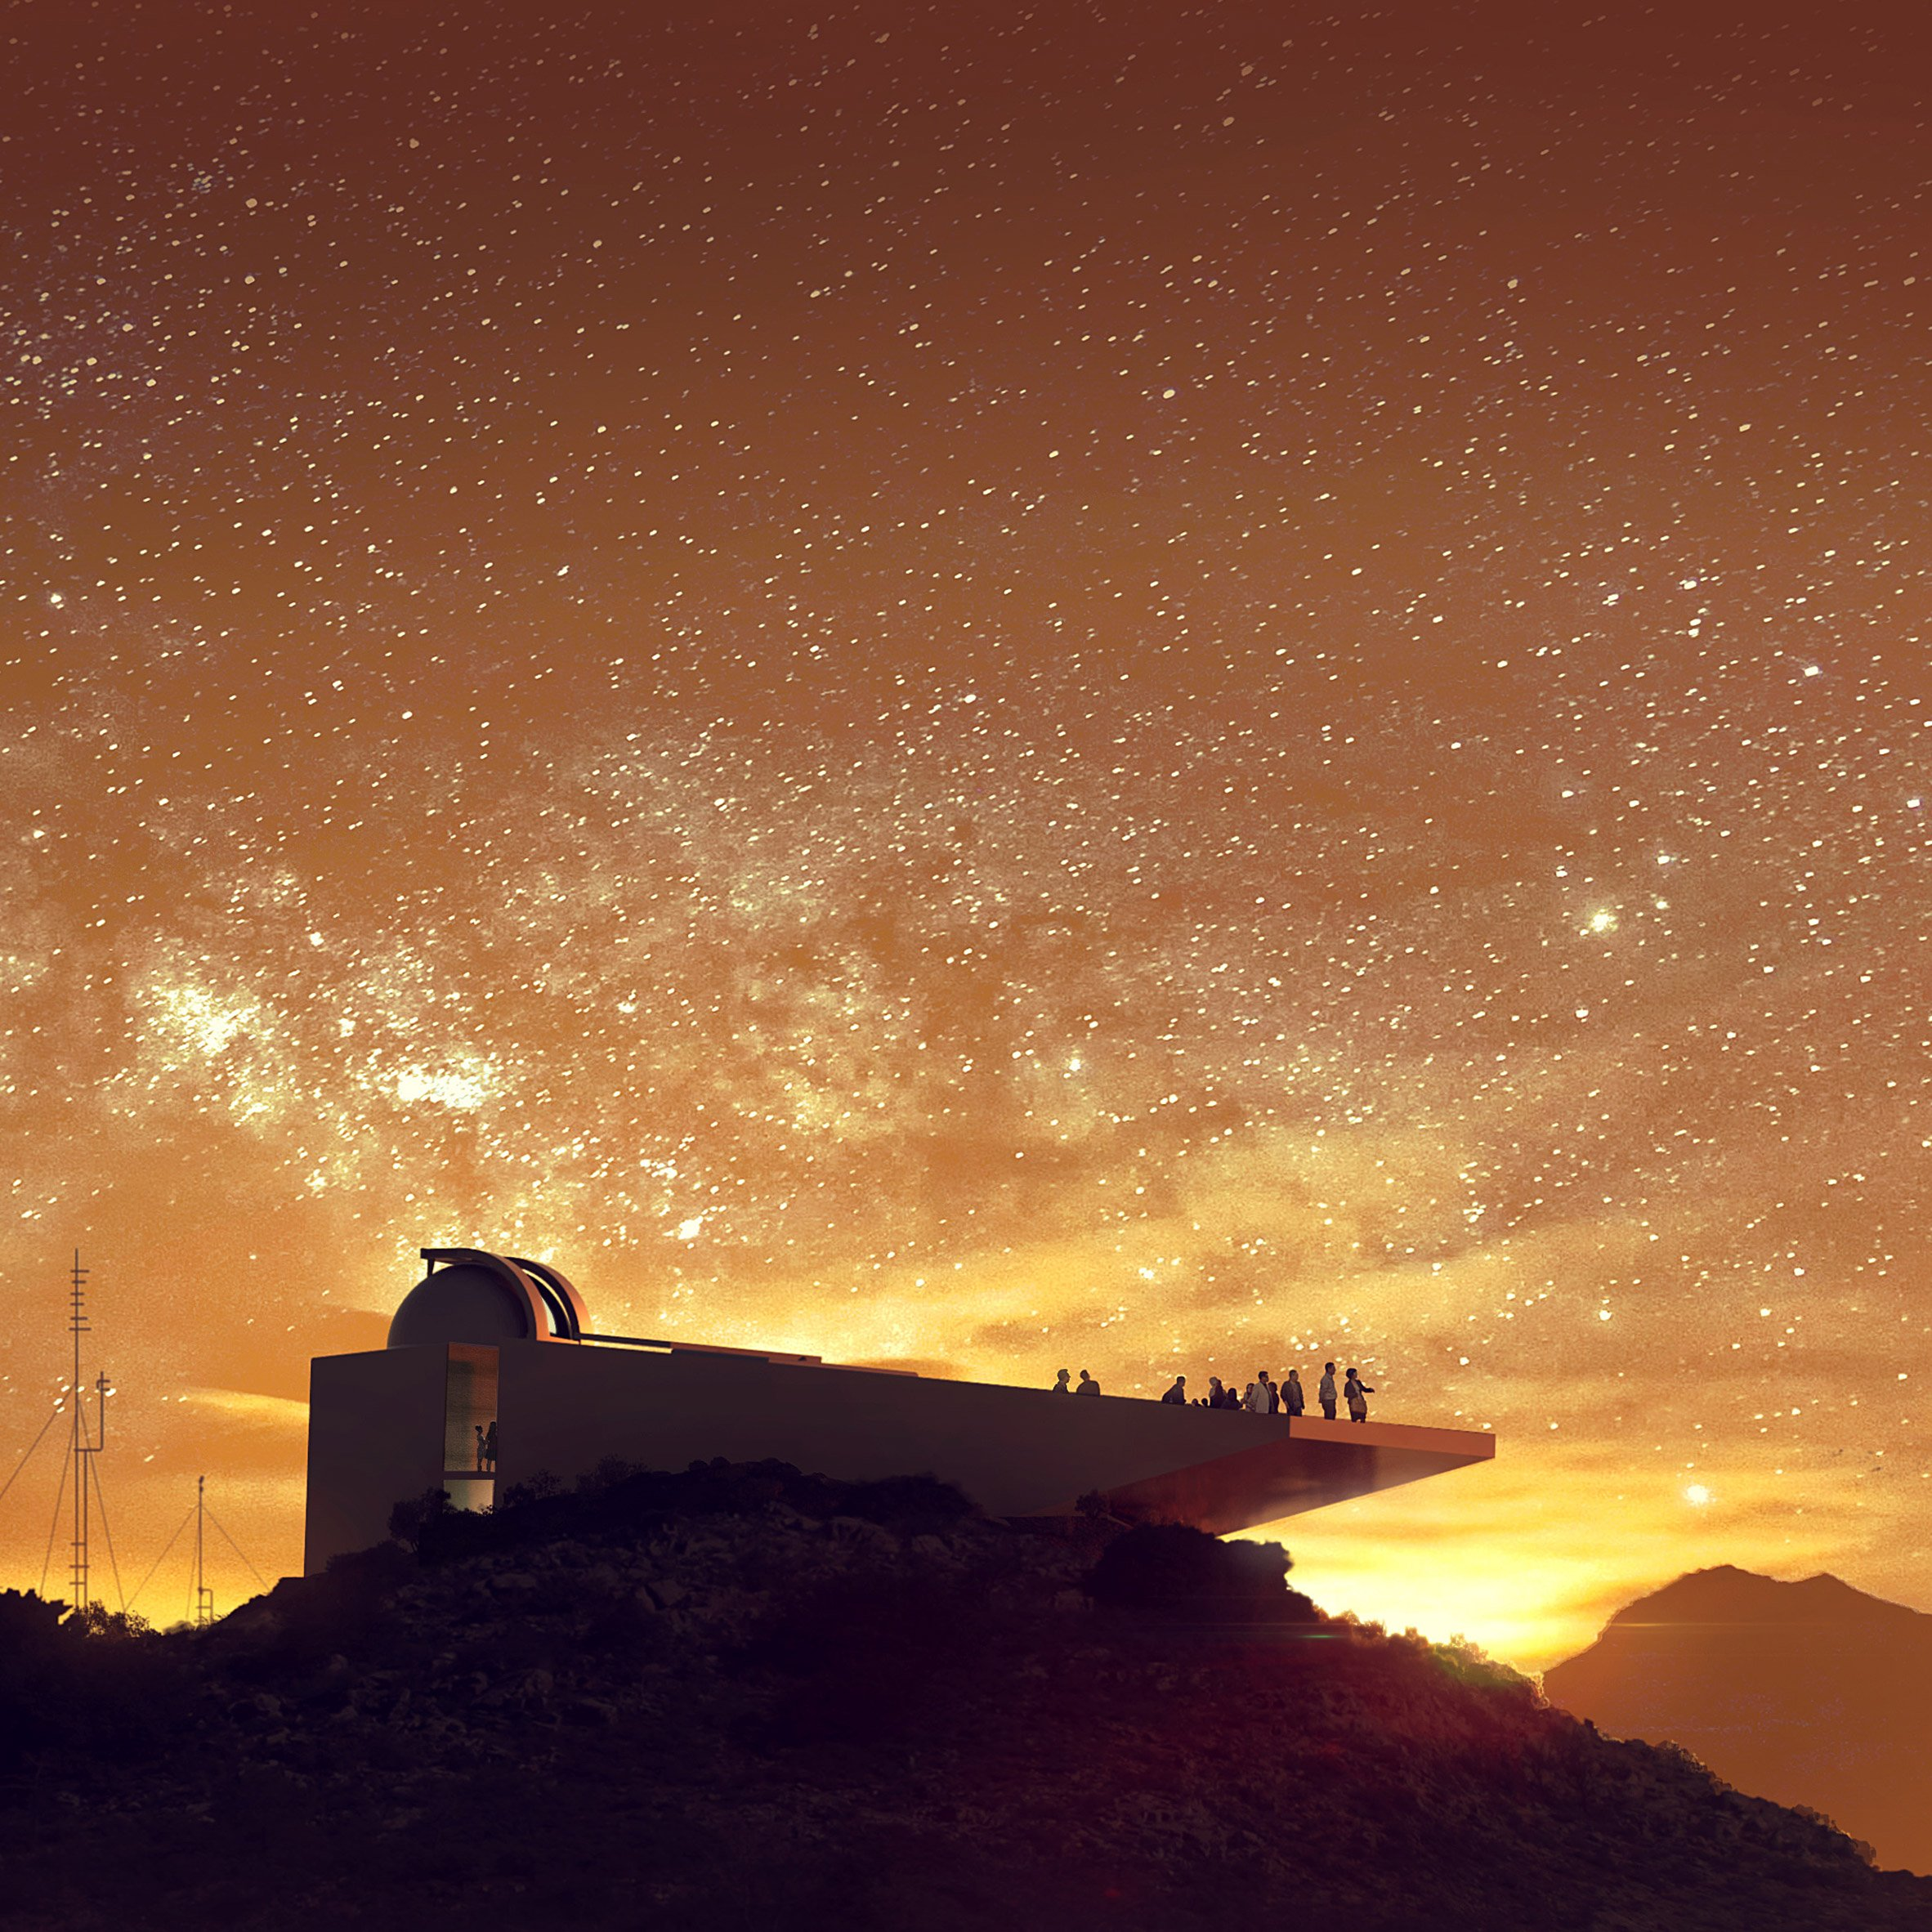 важно, чтобы фото кипр звездное небо что хотели